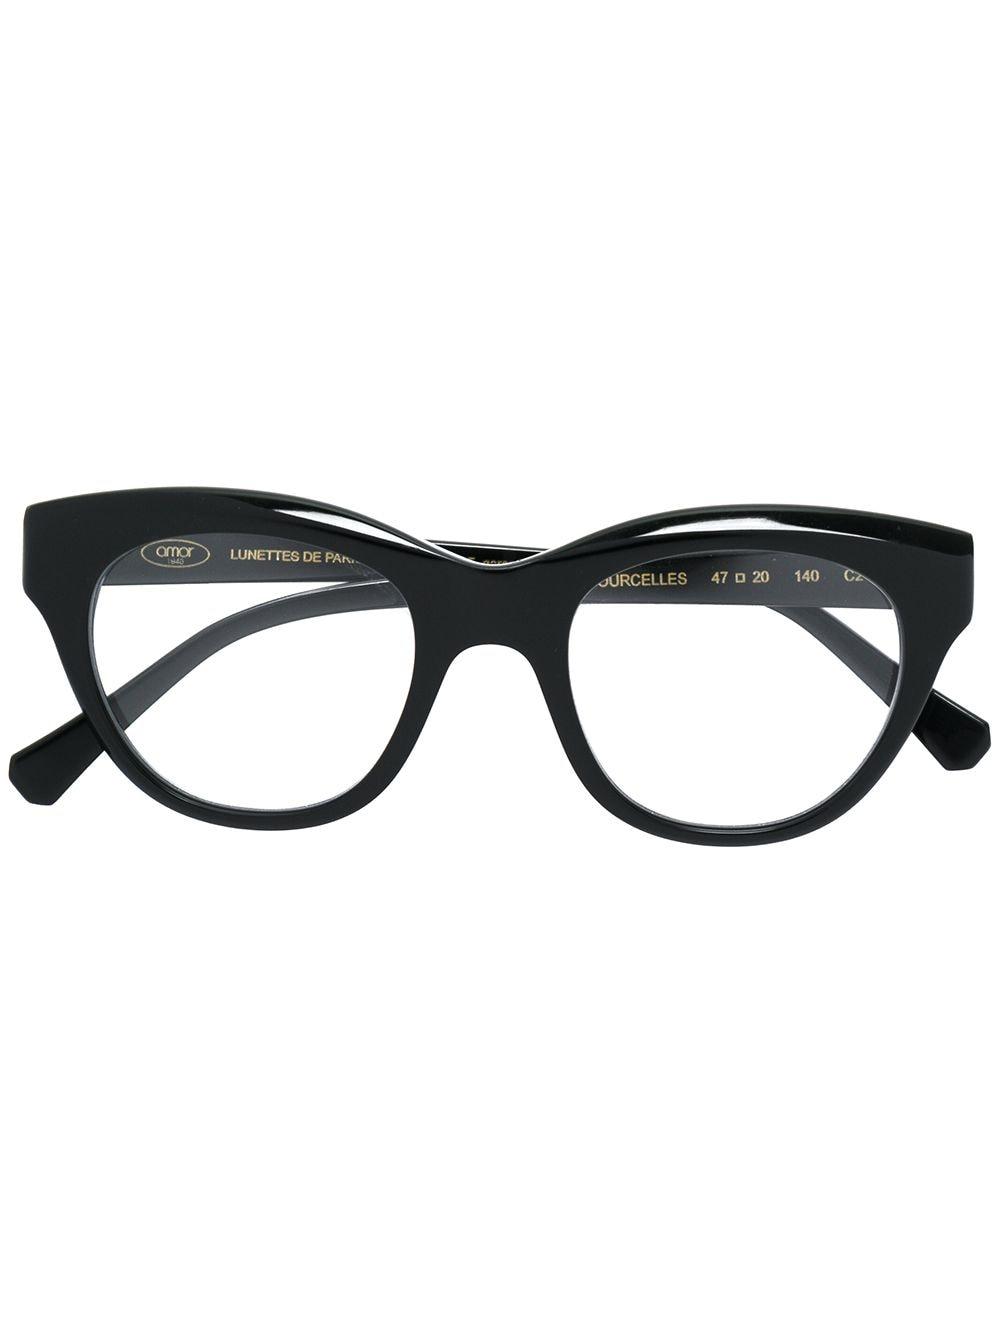 Brillen in Schwarz für Frauen. Damenmode in Schwarz bei fashn.de